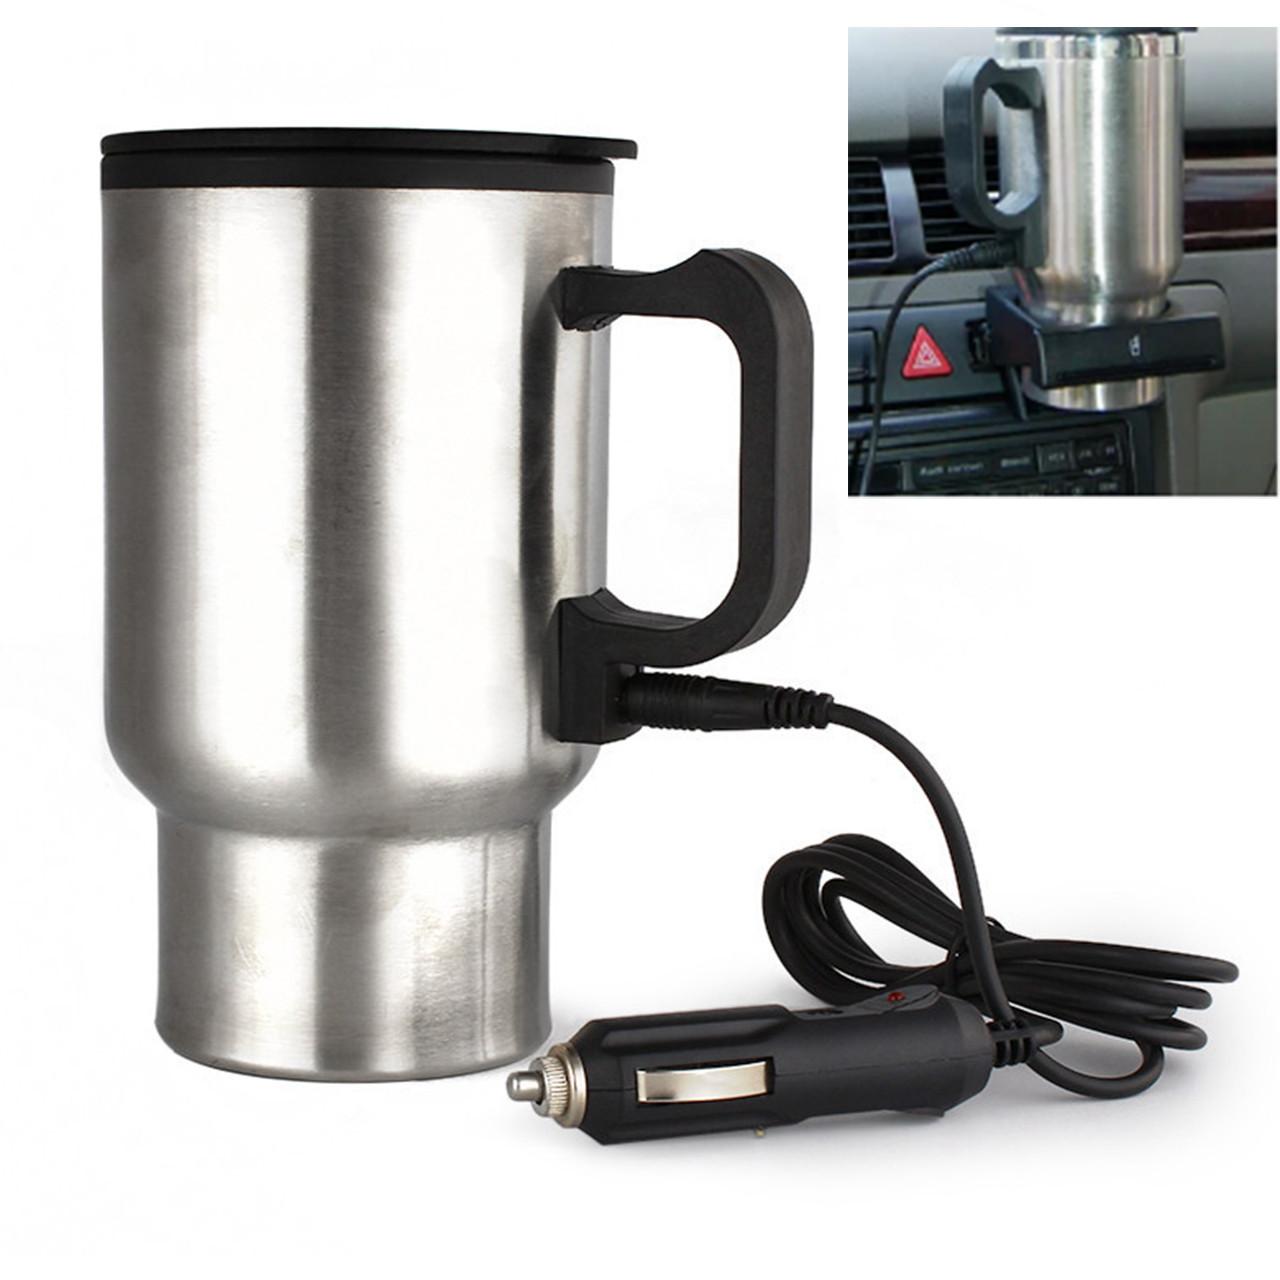 Автомобільна термокружка з підігрівом Electric Mug CUP 2240